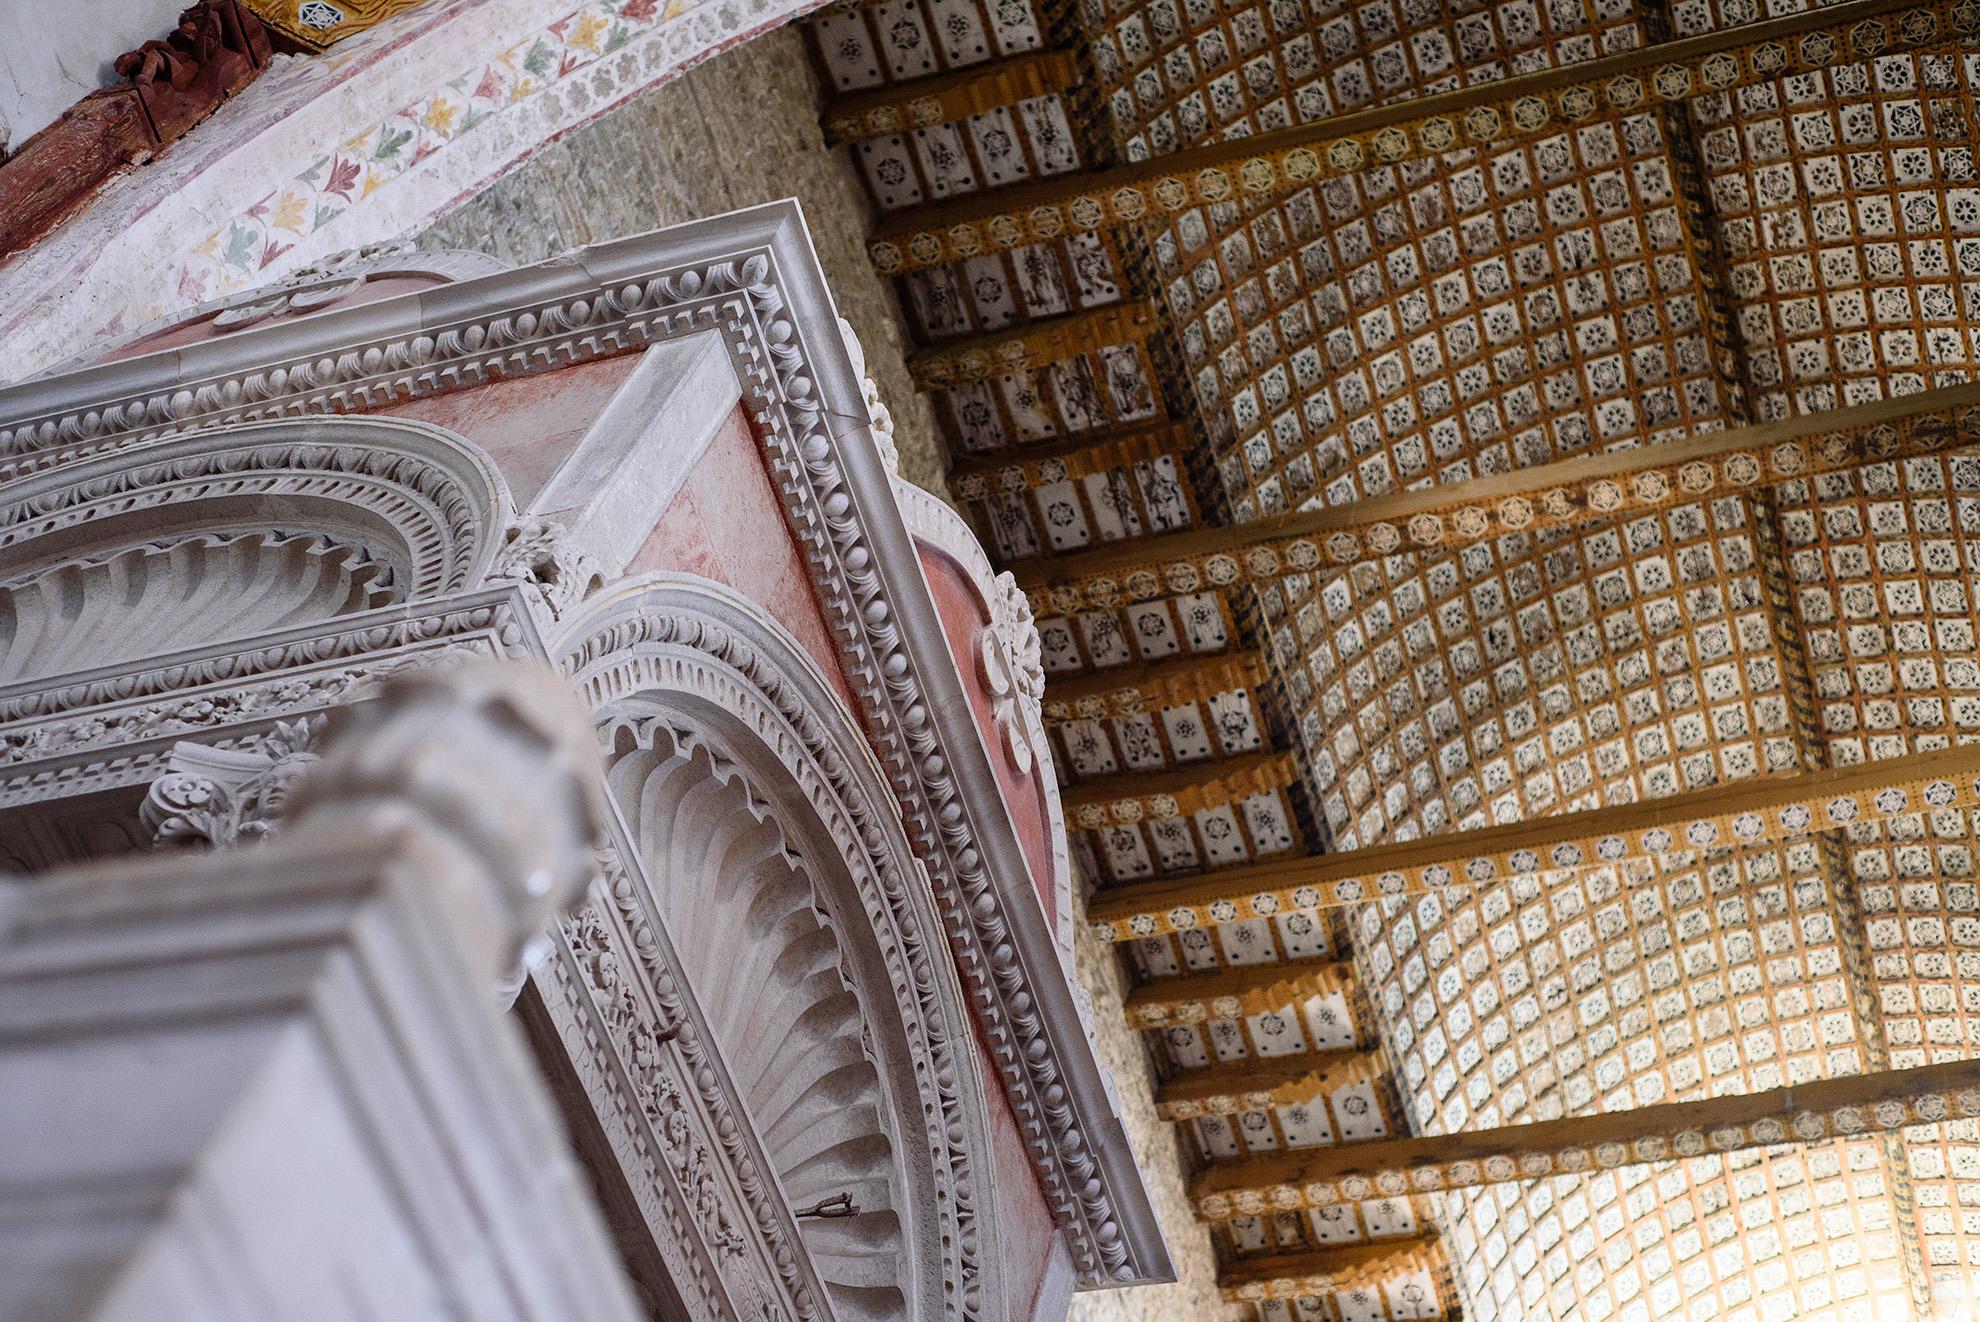 Sufit z XVI w. w bazylice w Aquilei